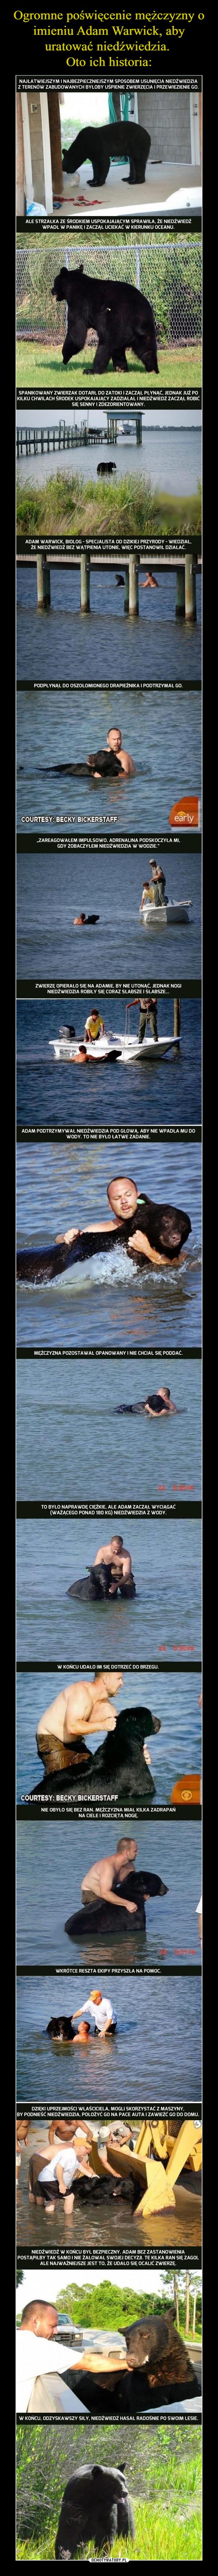 –  Najłatwiejszym i najbezpieczniejszym sposobem usunięcia niedźwiedzia z terenów zabudowanych byłoby uśpienie zwierzęcia i przewiezienie go ale strzałka ze środkiem usypiającym sprawiła, że niedźwiedź wpadł w panikę i zaczął uciekać w kierunku oceanu spanikowany zwierzak dotarł do zatoki i zaczął płynąć , jednak już po kilku chwilach środek usypiający zadziałał i niedźwiedź zaczął robić się senny i zdezorientowany. Adam warwick , biolog - specjalista od dzikiej przyrody - wiedział, że niedźwiedź bez wątpienia utonie, więc postanowił działać. podpłynął do oszołomionego drapieżnika i podtrzymał go. zareagowałem impulsywnie. Adrenalina podskoczyła mi, gdy zobaczyłem niedźwiedzia w wodzie. zwierzę oparło się na adamie, by nie utonąć, jednak nogi niedźwiedzia robiły sie coraz słabsze i słabsze. Adam podtrzymywał niedźwiedzia pod głową, aby nie wpadła mu do wody,. To nie było łatwe zadanie. Mężczyzna pozostawał opanowany i nie chciał się poddać. To było naprawdę ciężkie, ale adam zaczął wyciągać (ważącego ponad 180kg) niedźwiedzia z wody.w końcu udało im się dotrzeć do brzegu. Nie obyło sie bez ran mężczyzna miał kilka zadrapań na ciele i rozciętą nogę. wkrótce ruszyła reszta ekipy im na pomoc.  W końcu odzyskawszy siły niedźwiedź hasał radośnie po swoim lesie